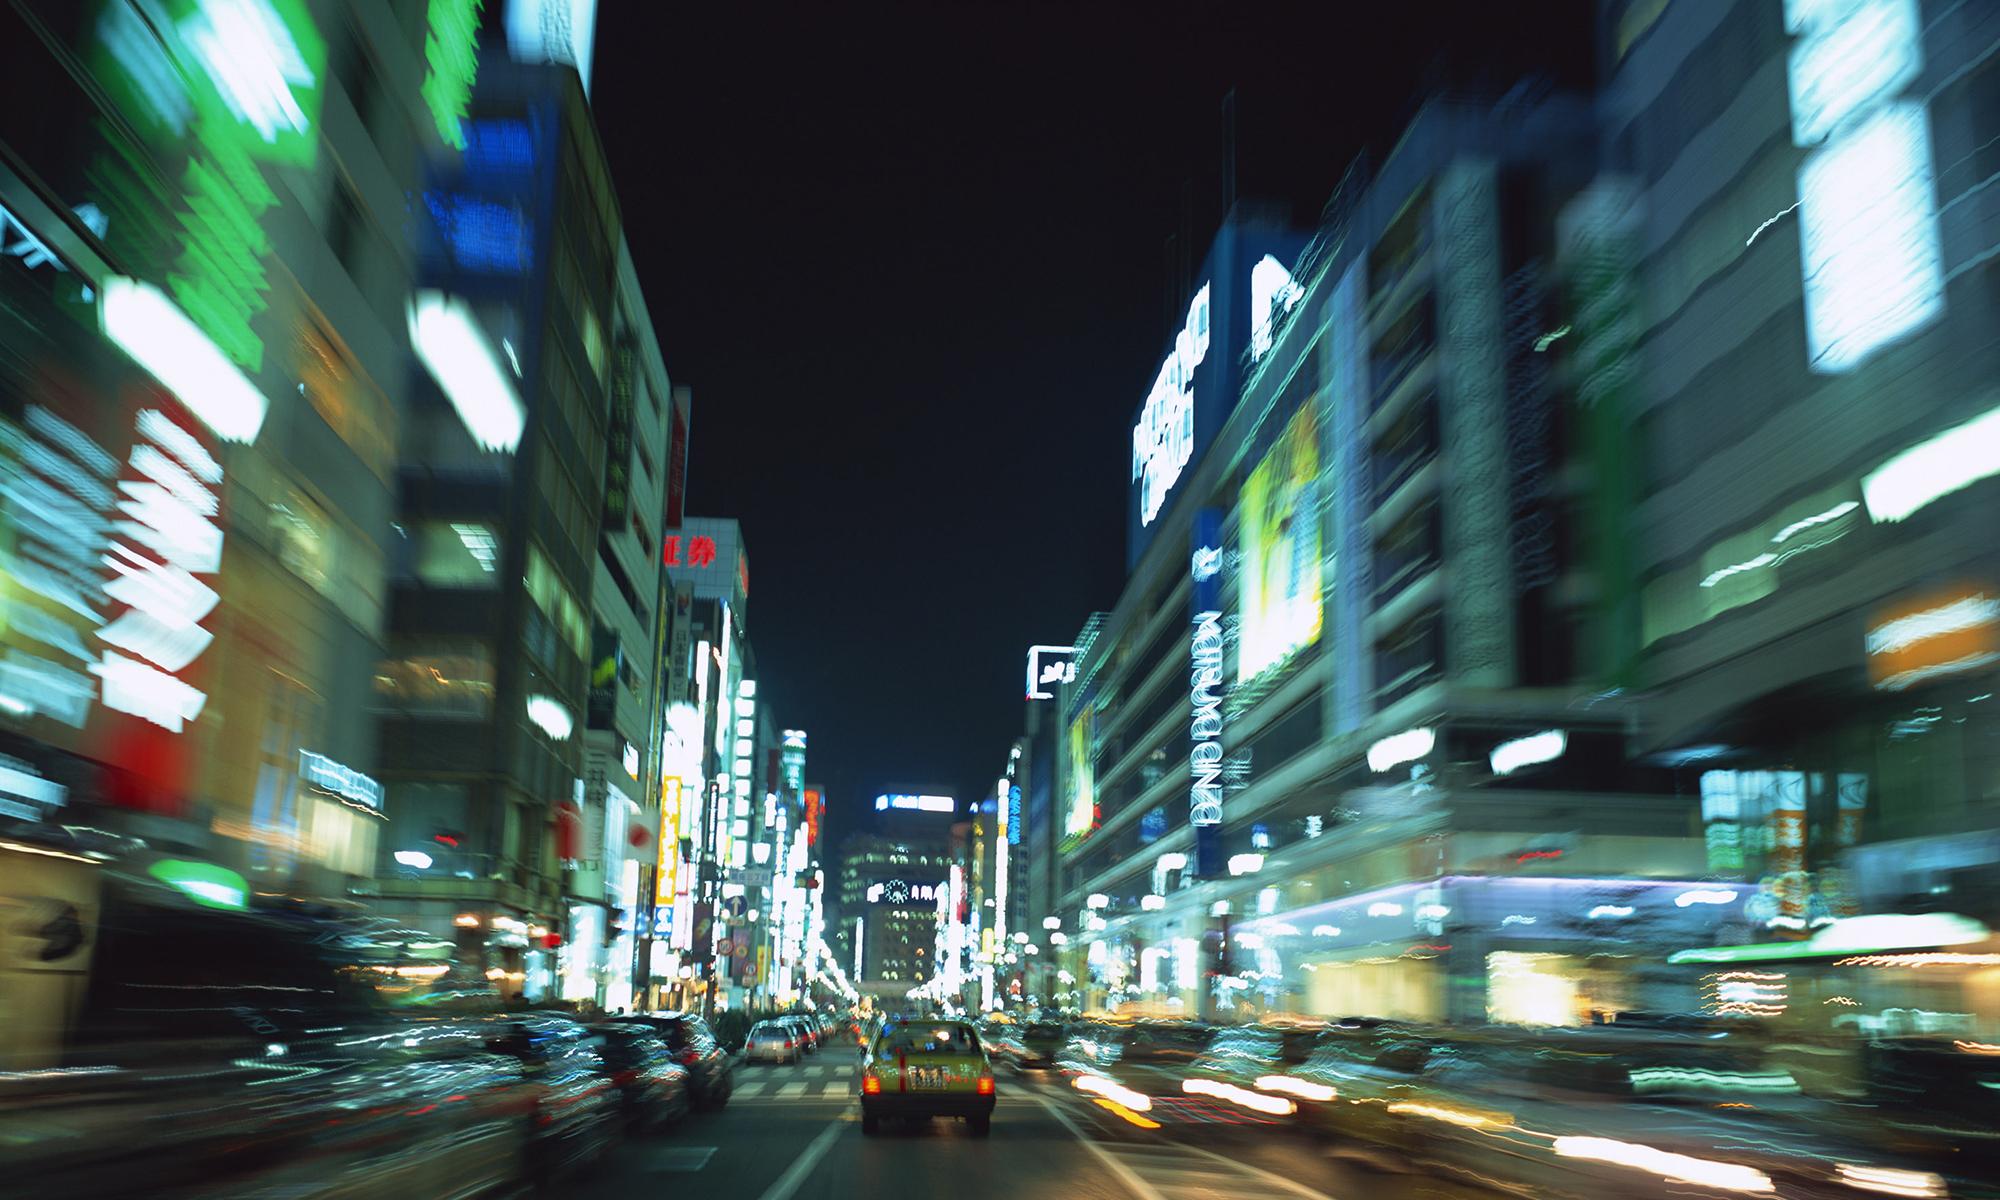 ドクターbruの不動産投資ワールド ~ ギガ大家への道